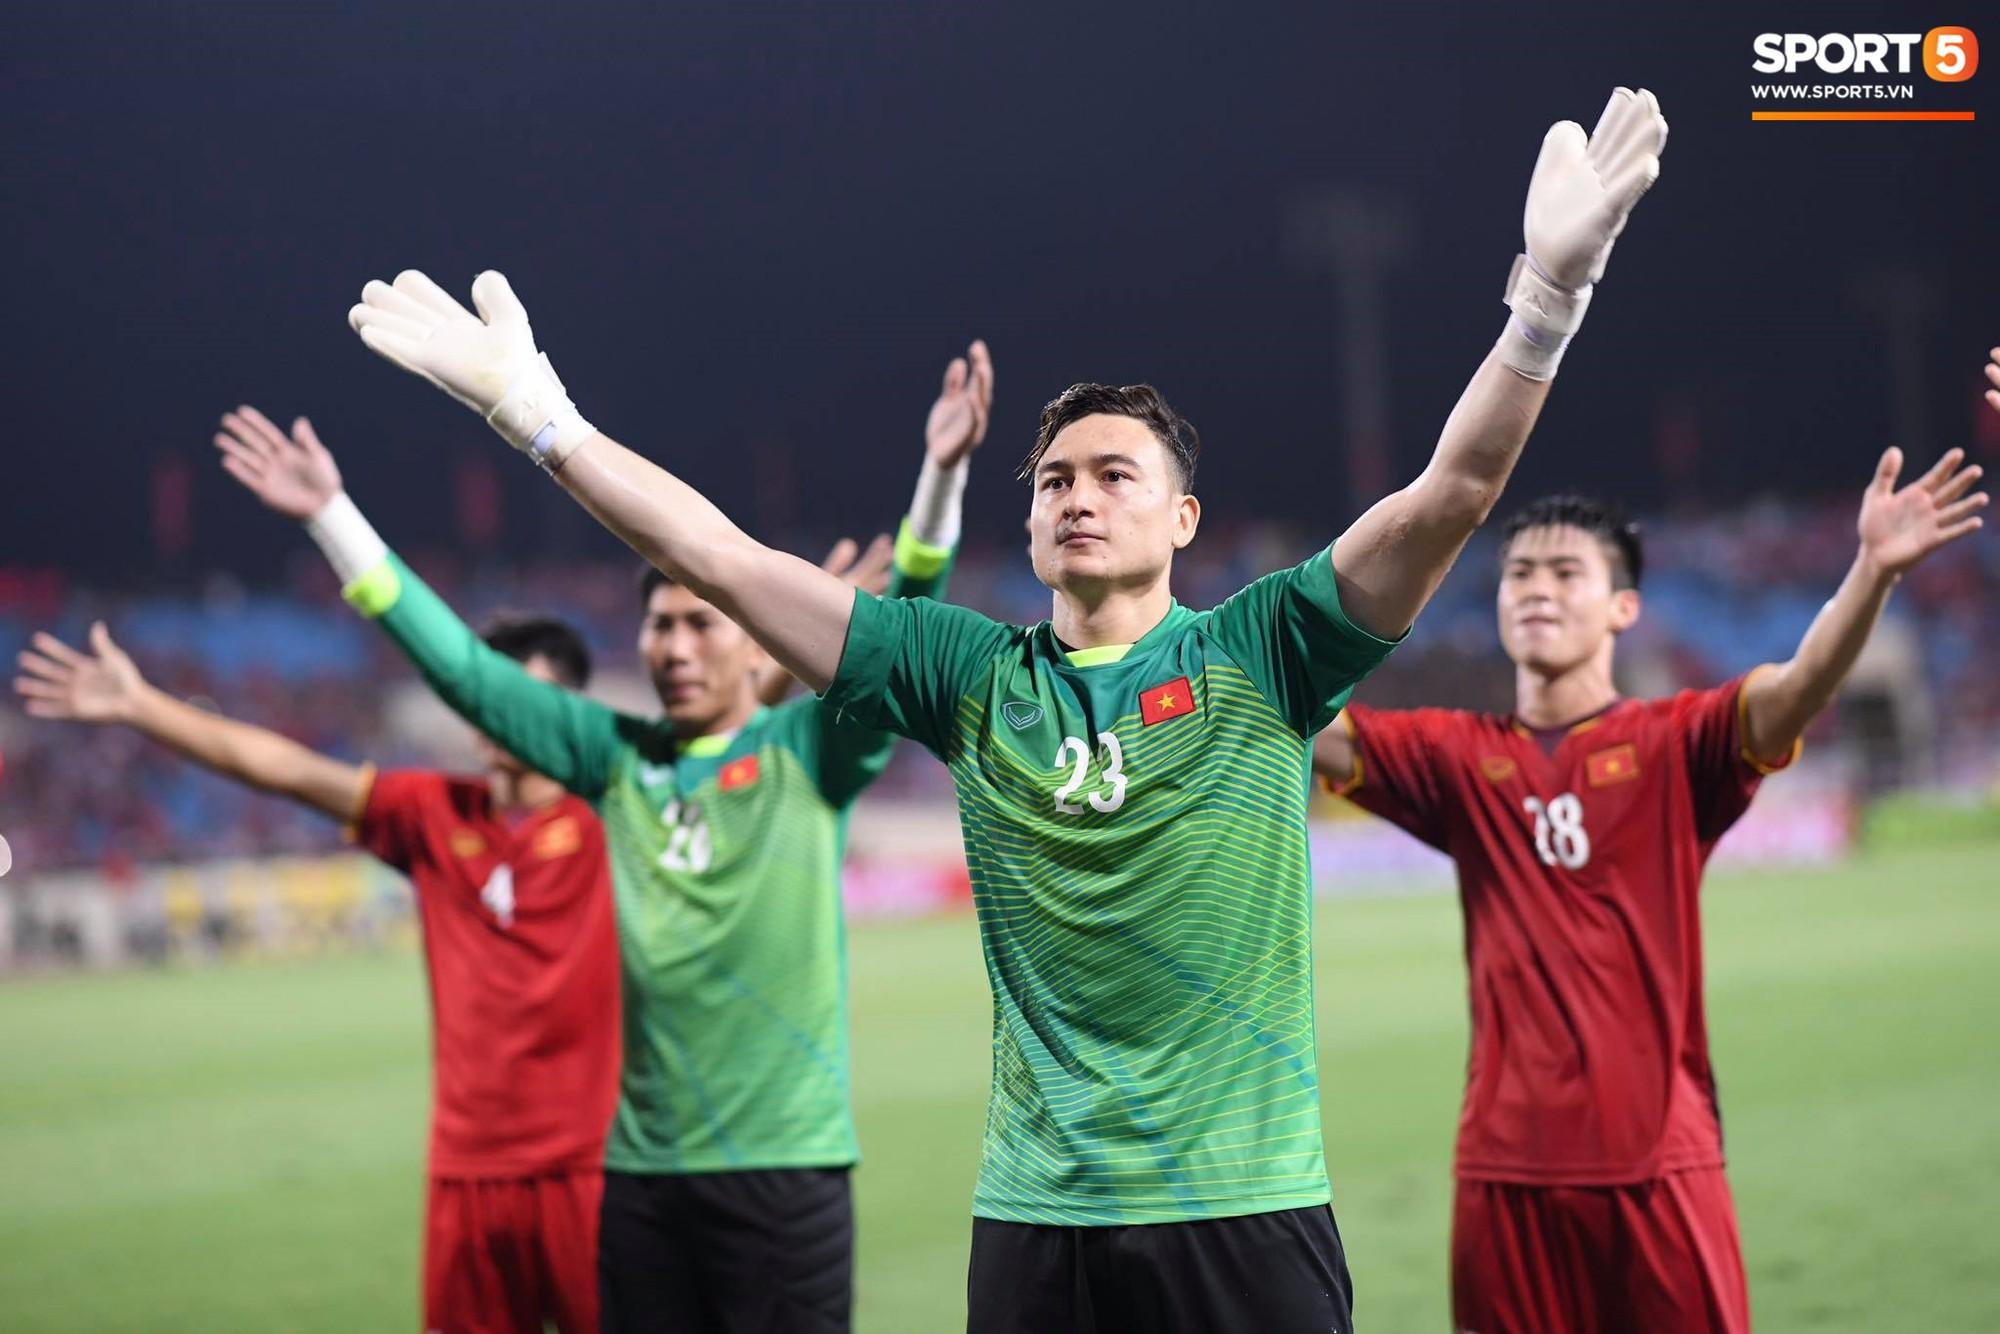 Báo nước bạn đau đớn, không phục trước thất bại của đội nhà trước tuyển Việt Nam - Ảnh 2.